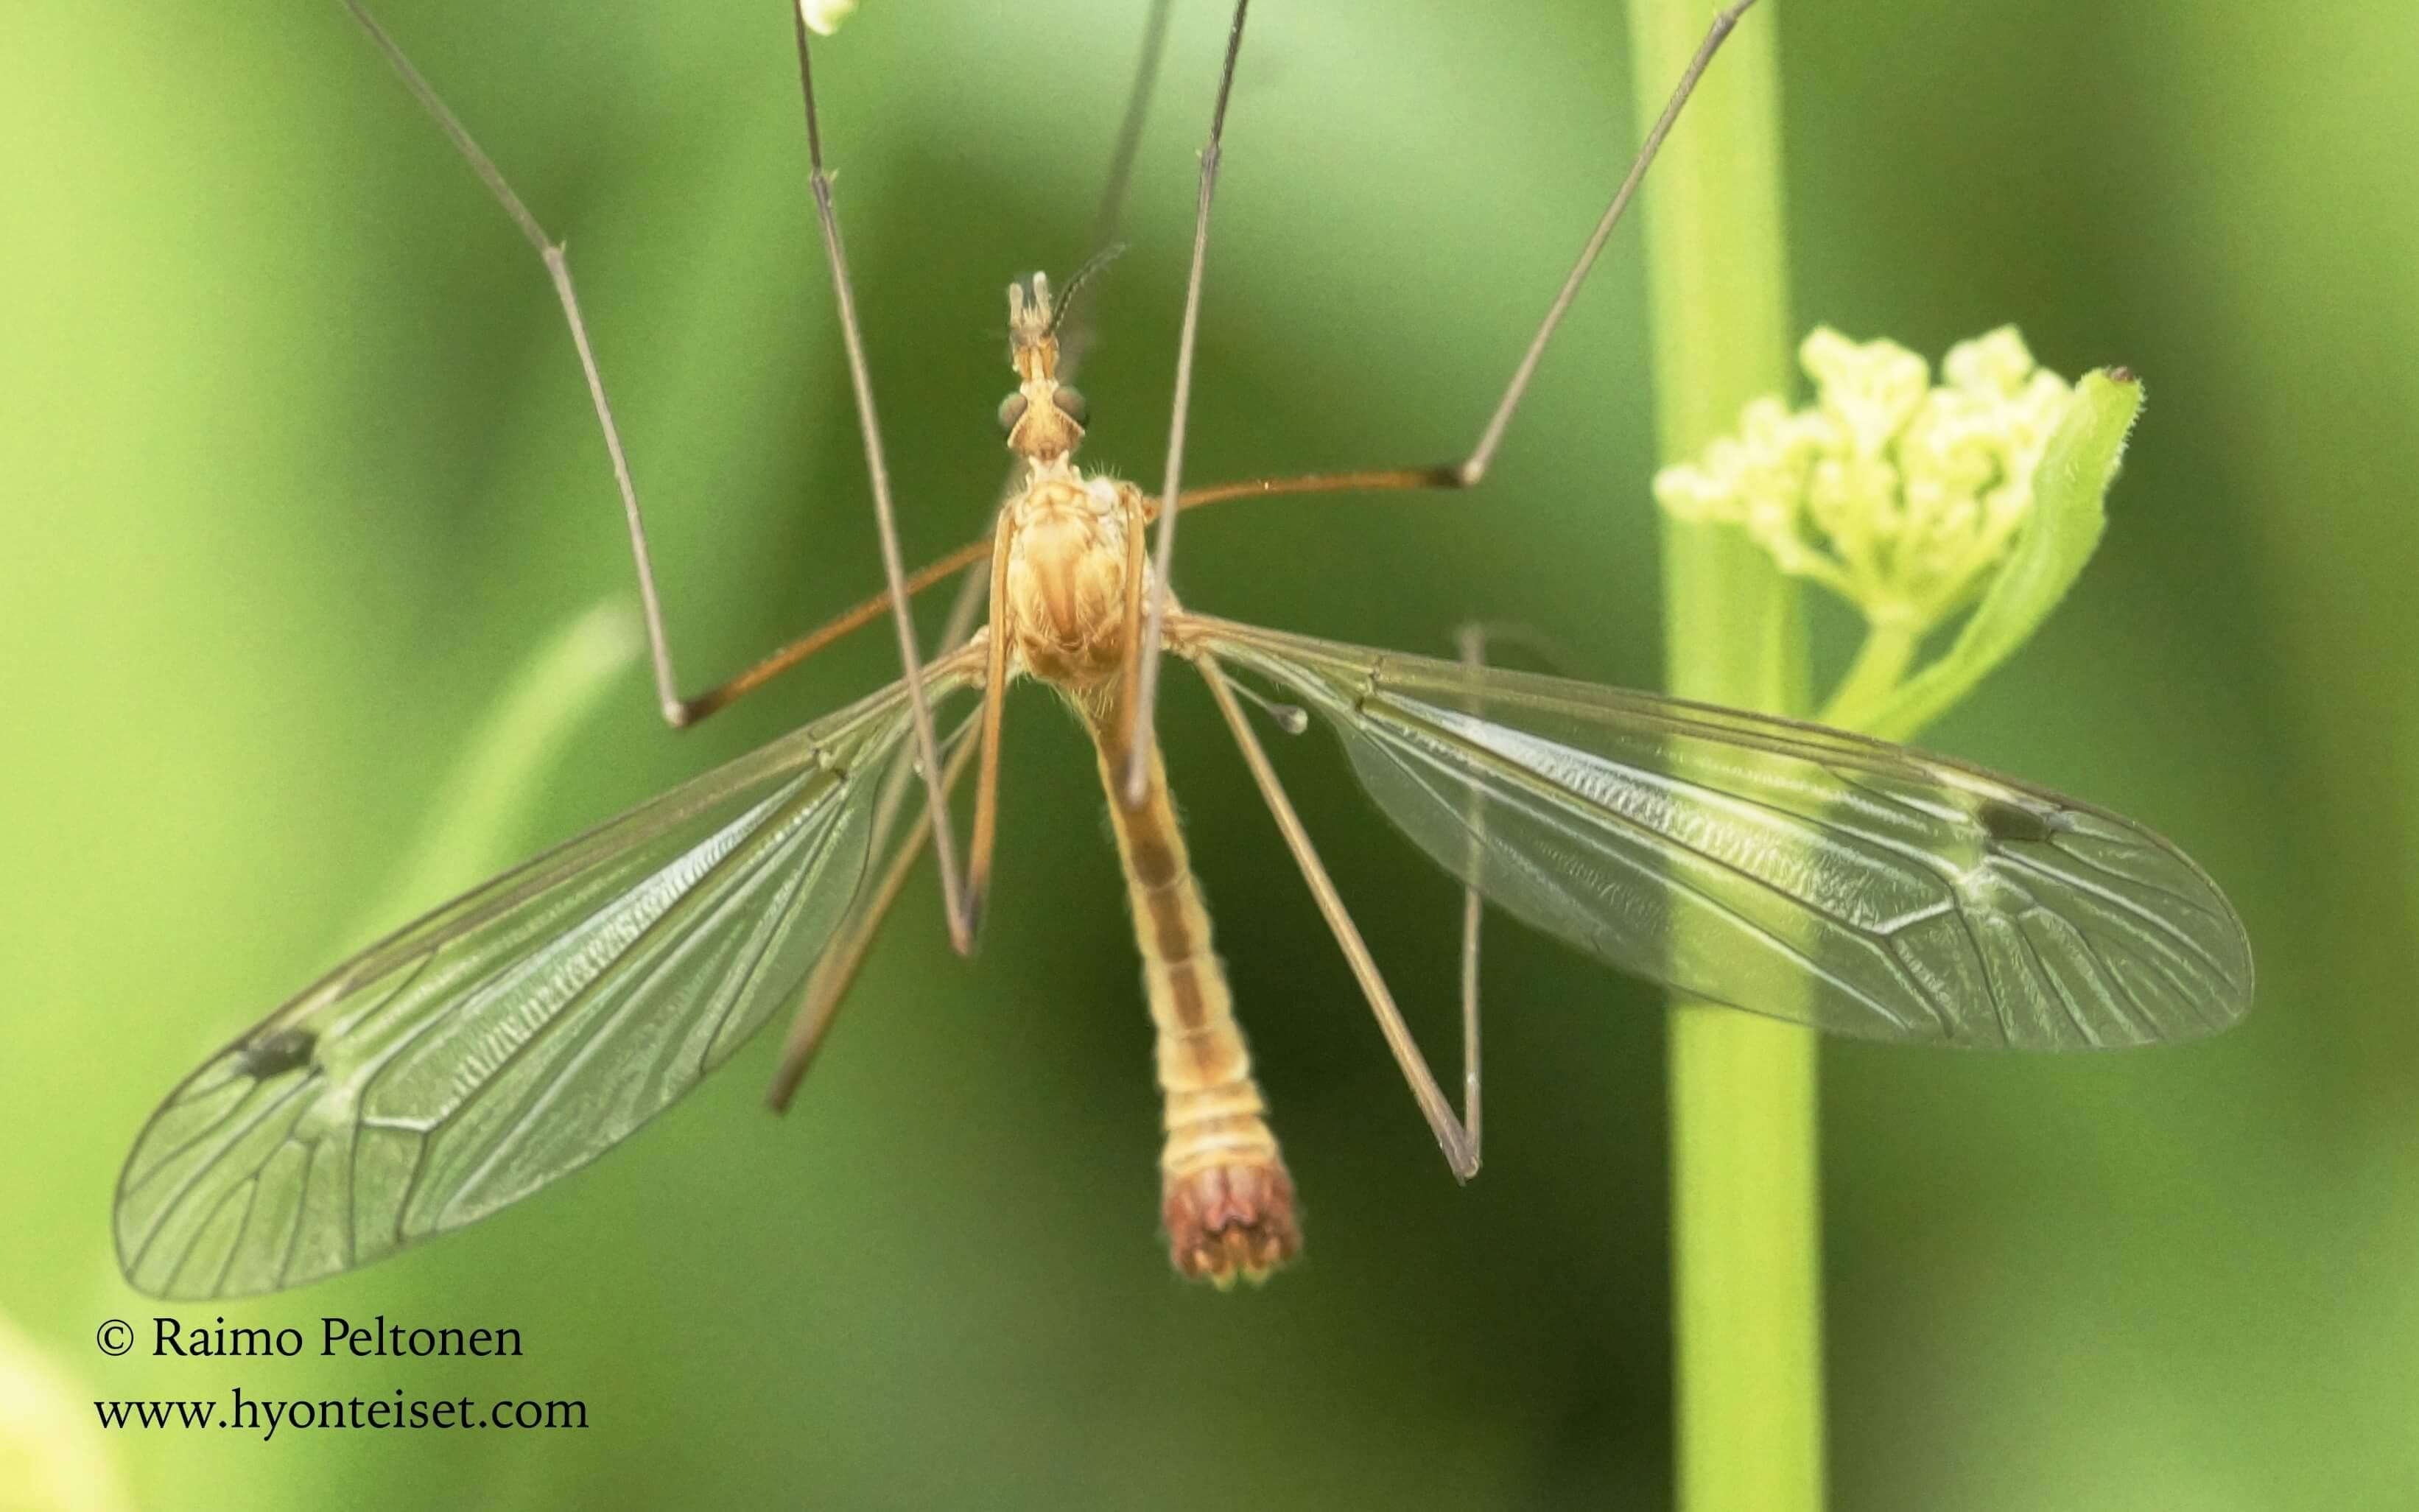 Tipula fascipennis-tarvaspiimäheikki (det. Esko Viitanen), 7.7.2017 Jyväskylä